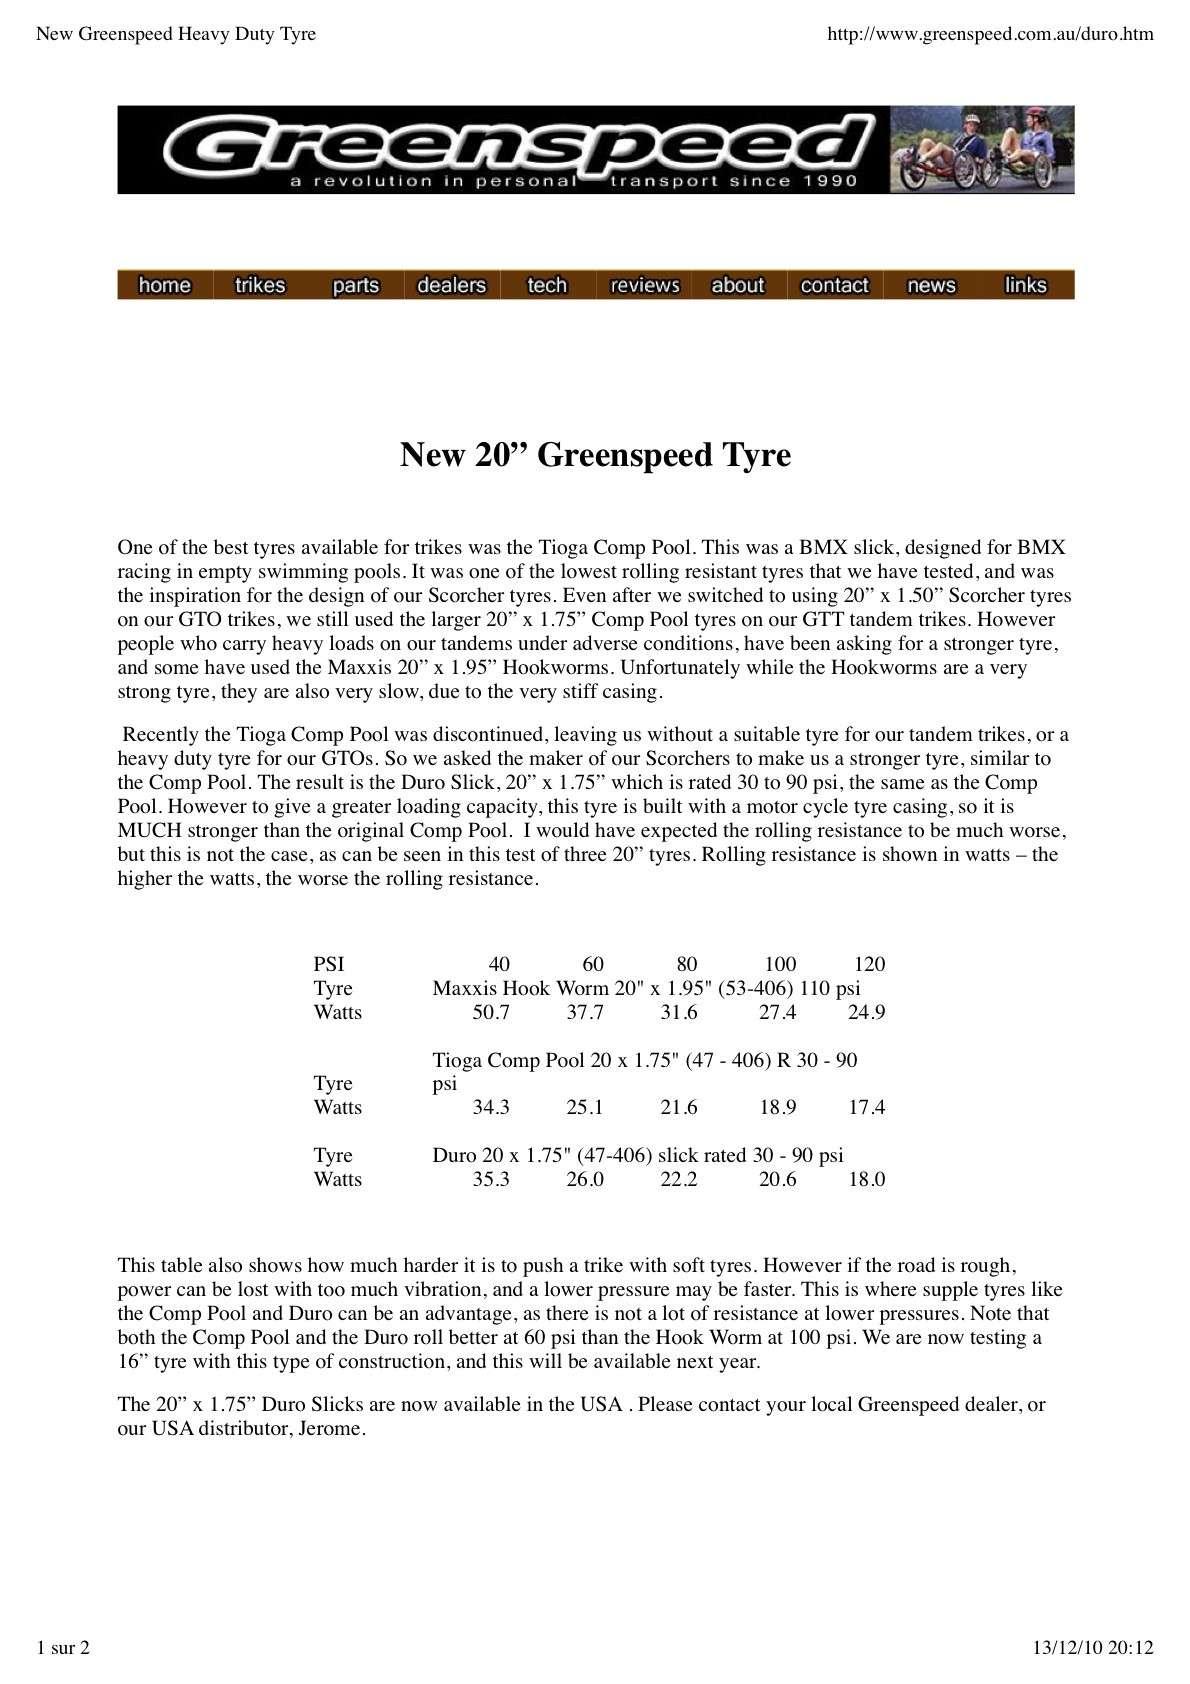 Nouveau pneu renforcé pour les Greenspeed New_gr10